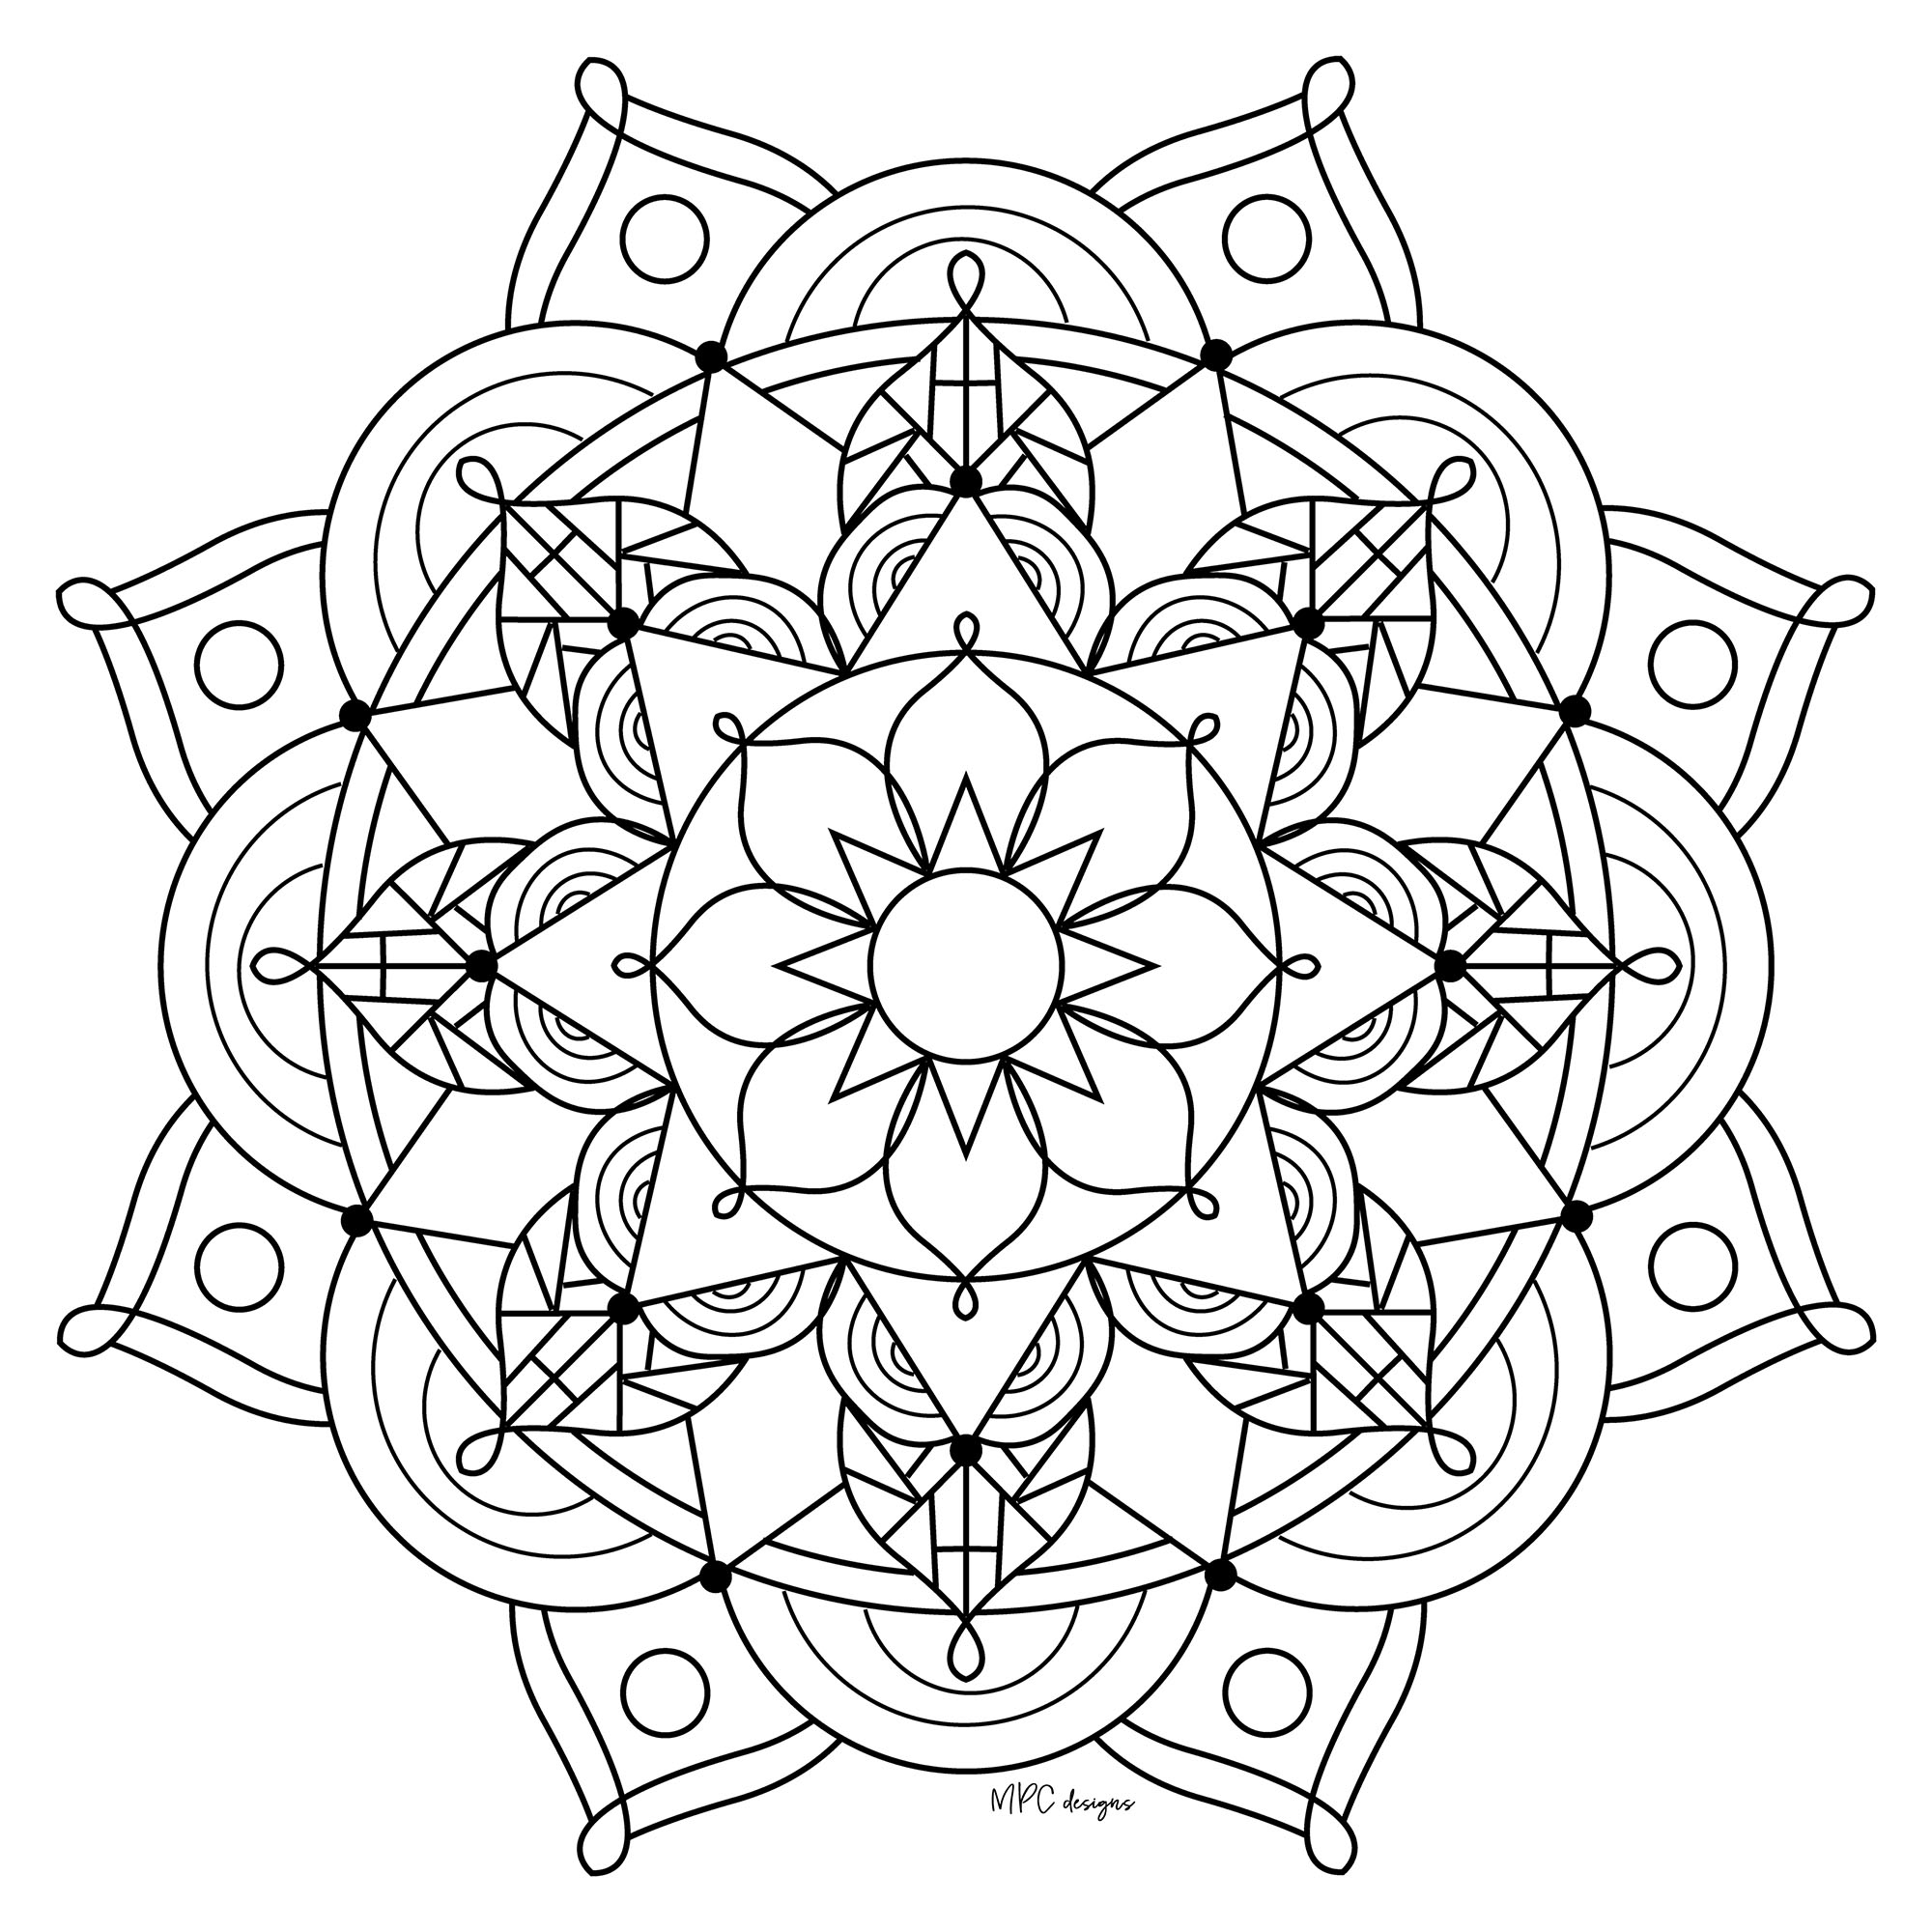 Coloriage Gratuit Imprimer Mandala.Joli Mandala Destressant Mandalas Zen Anti Stress 100